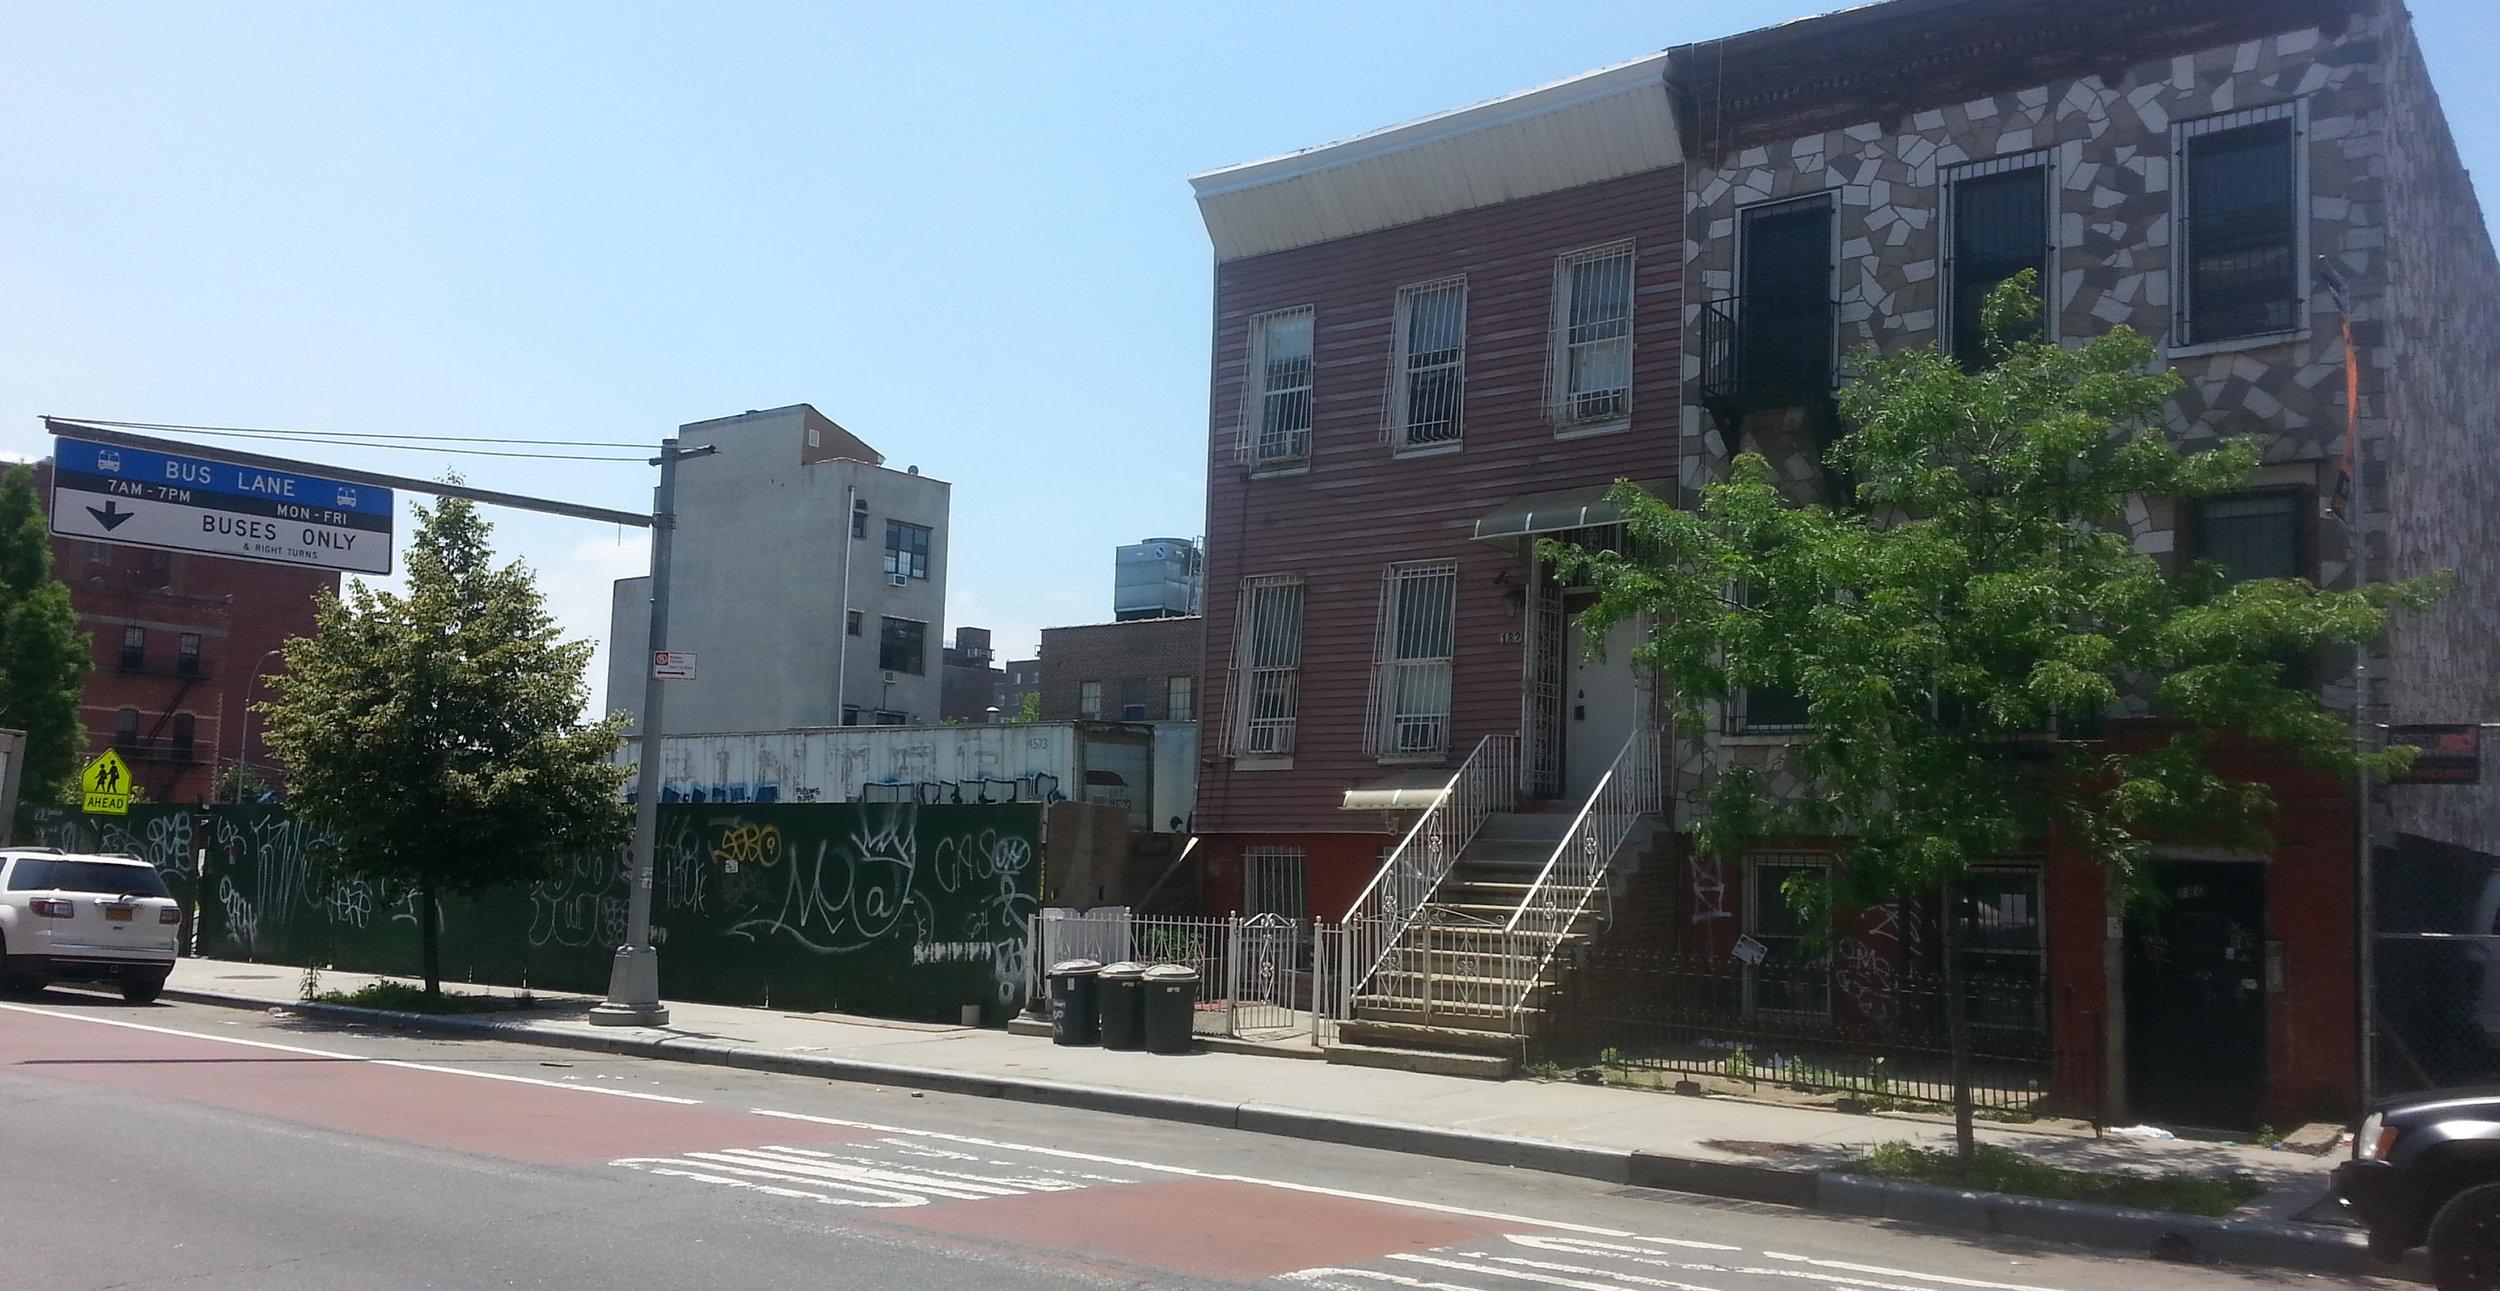 184 Nostrand Ave., Brooklyn, NY. Photo: Darryl Montgomery.